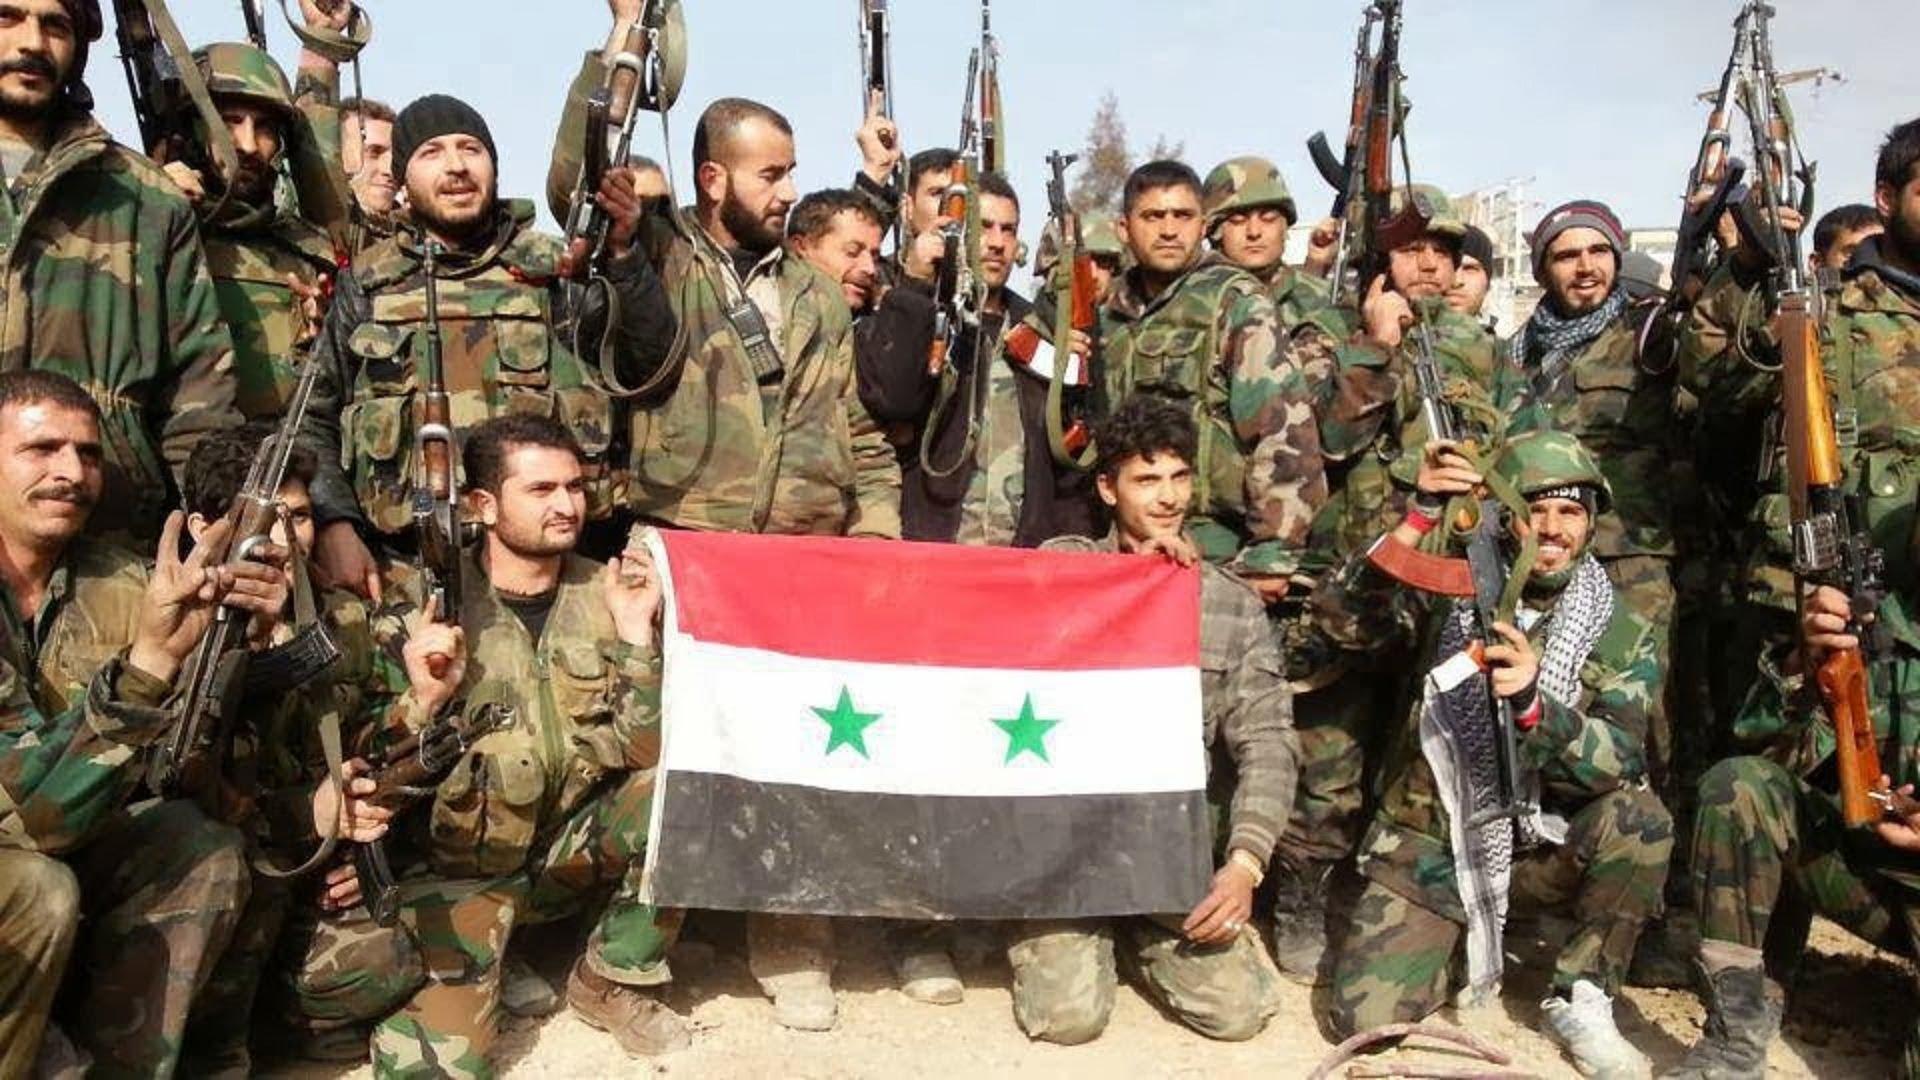 پیشروی نیروهای ویژه سوریه از ۳ محور به سوی «کنسبا» در لاذقیه